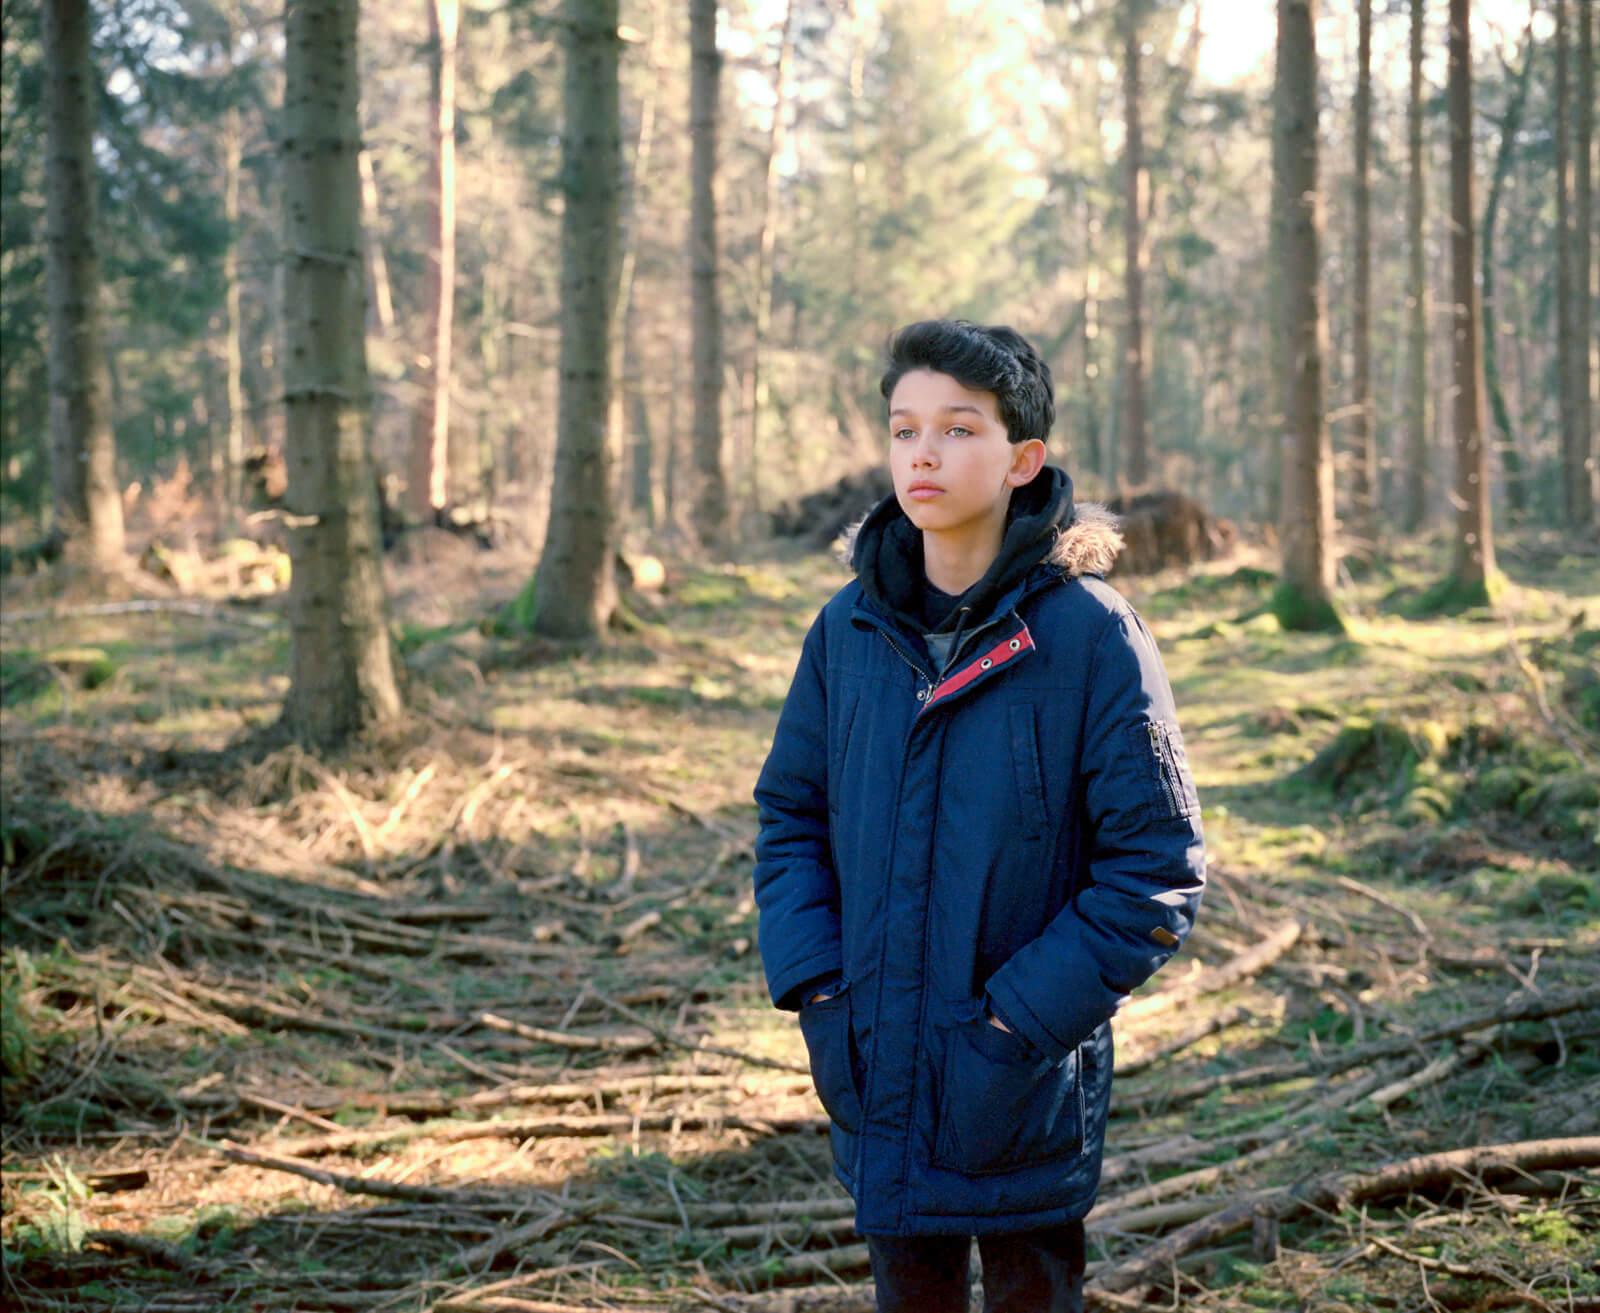 49_woodlandwonderland_18-Kopie